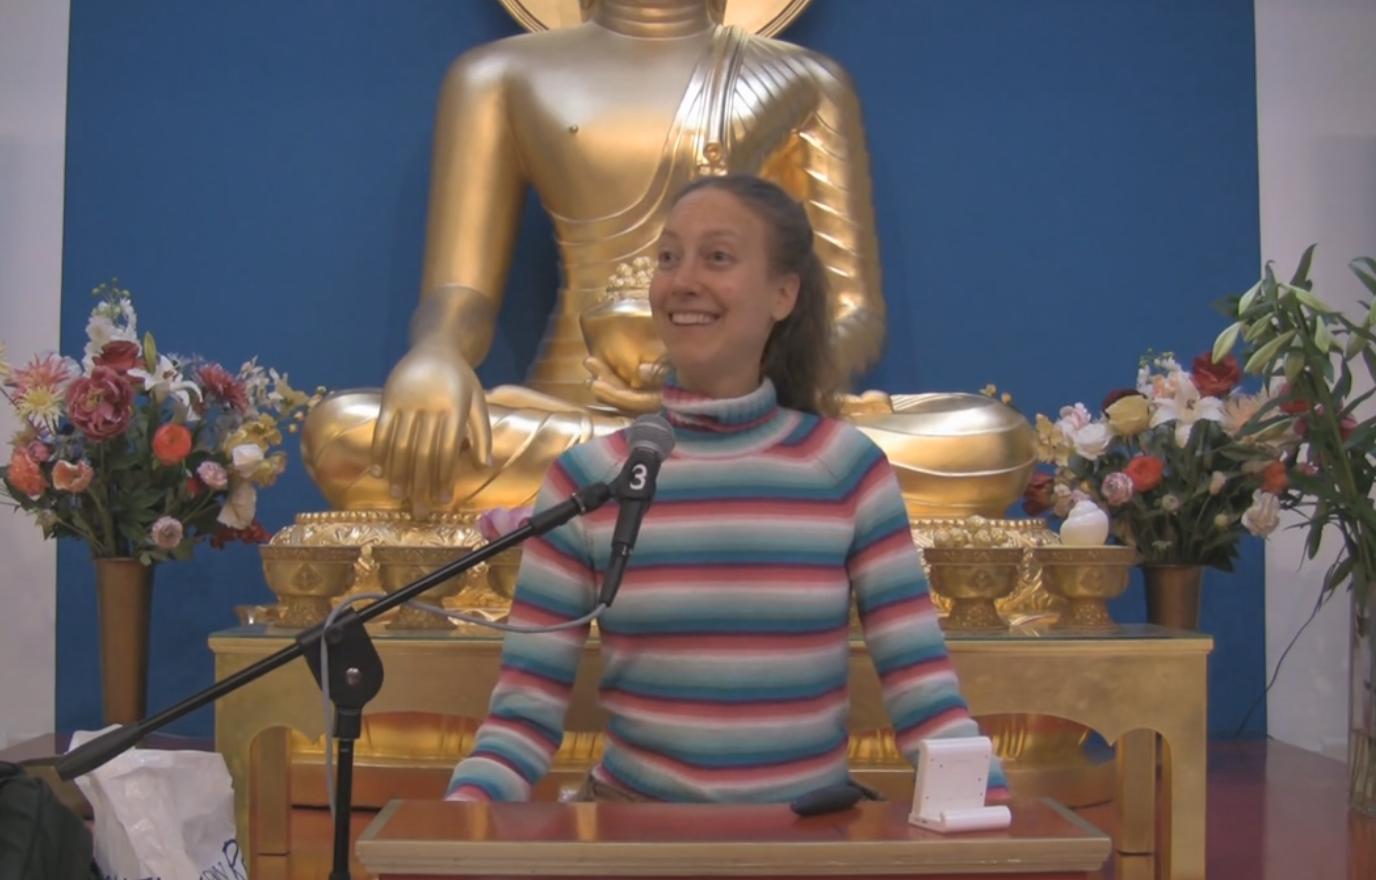 2015-10-08 16_05_45-Marieke van Vugt on the science of meditation on Vimeo